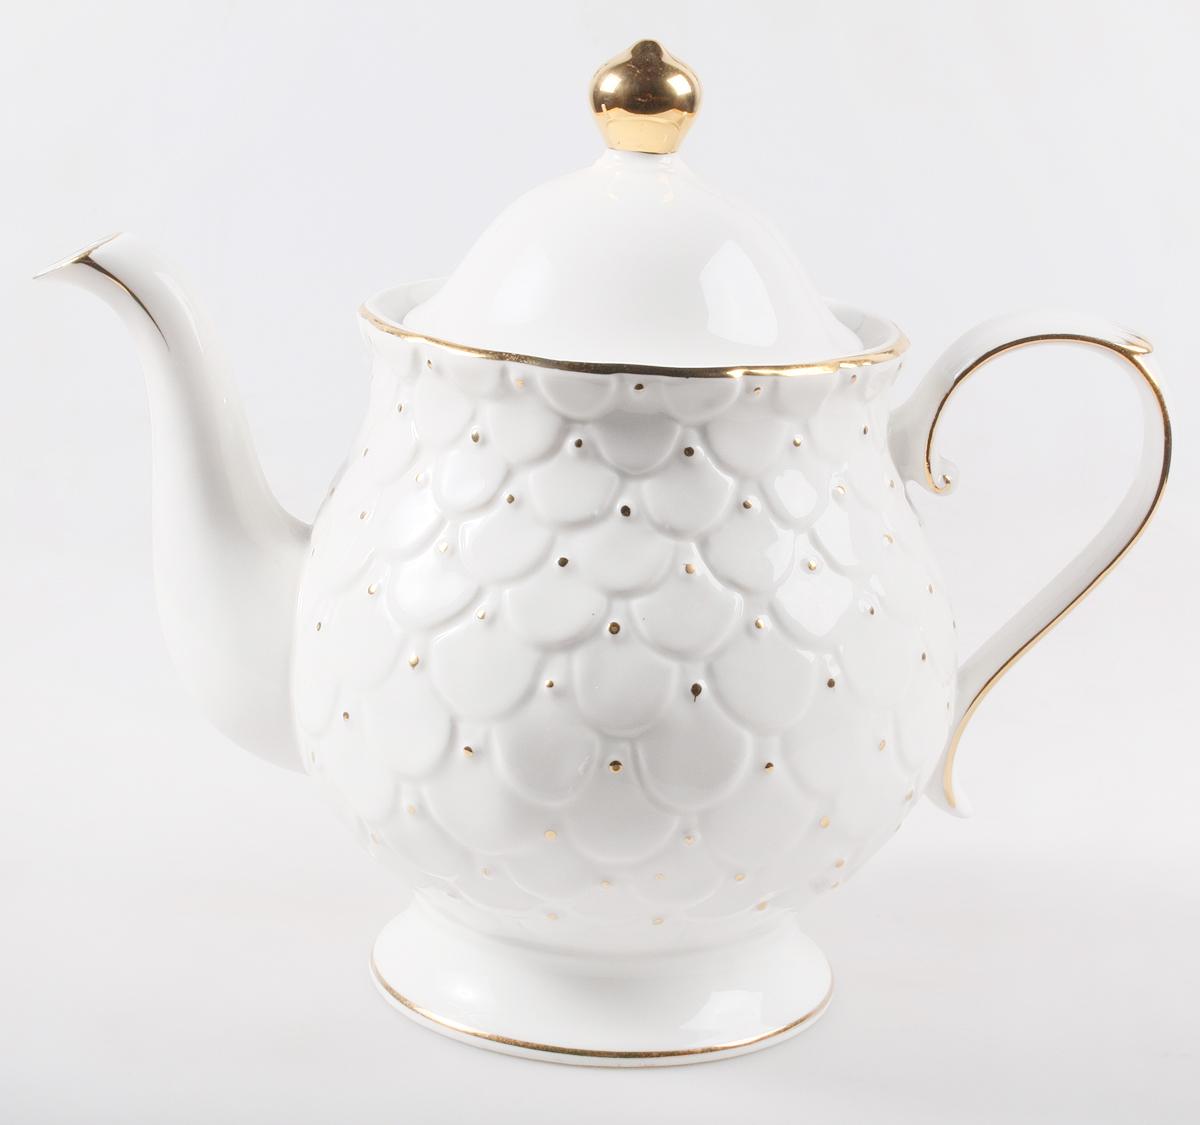 """Заварочный чайник Olaff """"Лепестки"""" поможет вам в приготовлении вкусного и ароматного чая, а также станет украшением вашей кухни. Он изготовлен из фарфора и оформлен красочным изображением. Нежные """"лепестки"""" придают чайнику особый шарм, чайник удобен в использовании и понравится каждому.  Такой заварочный чайник станет приятным и практичным подарком на любой праздник."""